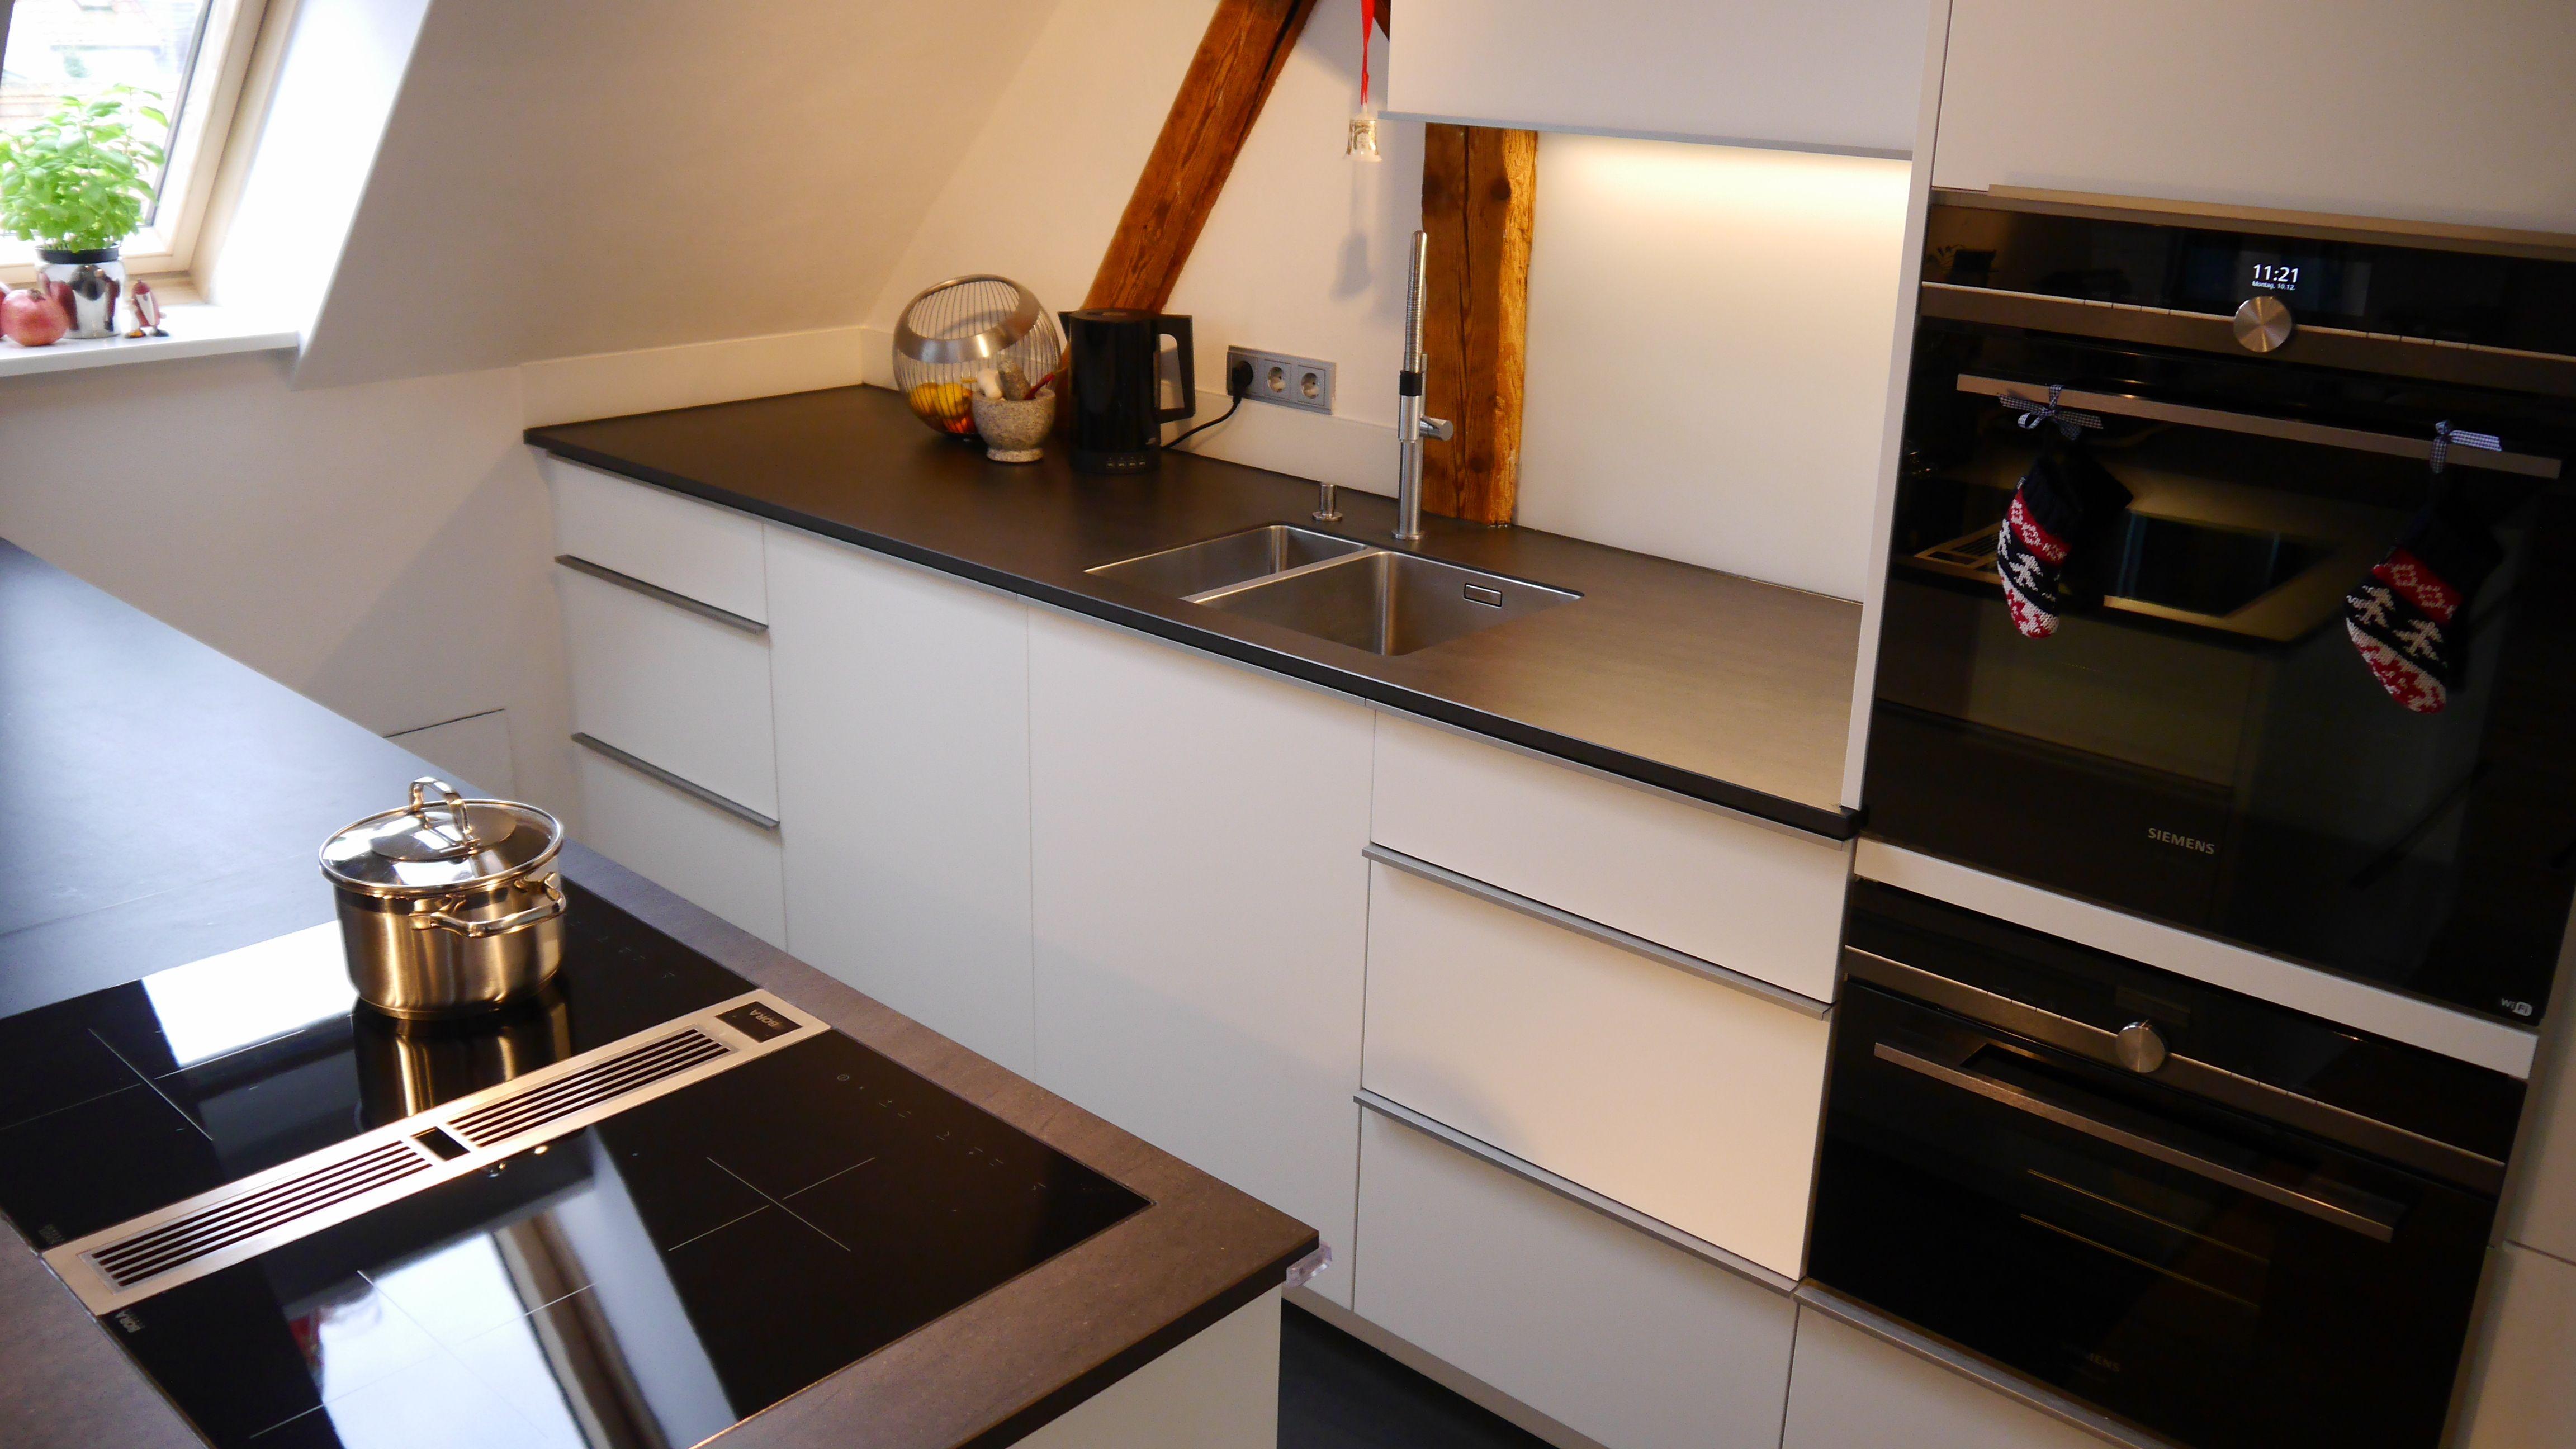 Dachgeschoss Einbaukuche Mit Quarzstein Arbeitsplatte Einbaukuche Quarzstein Arbeitsplatte Arbeitsplatte